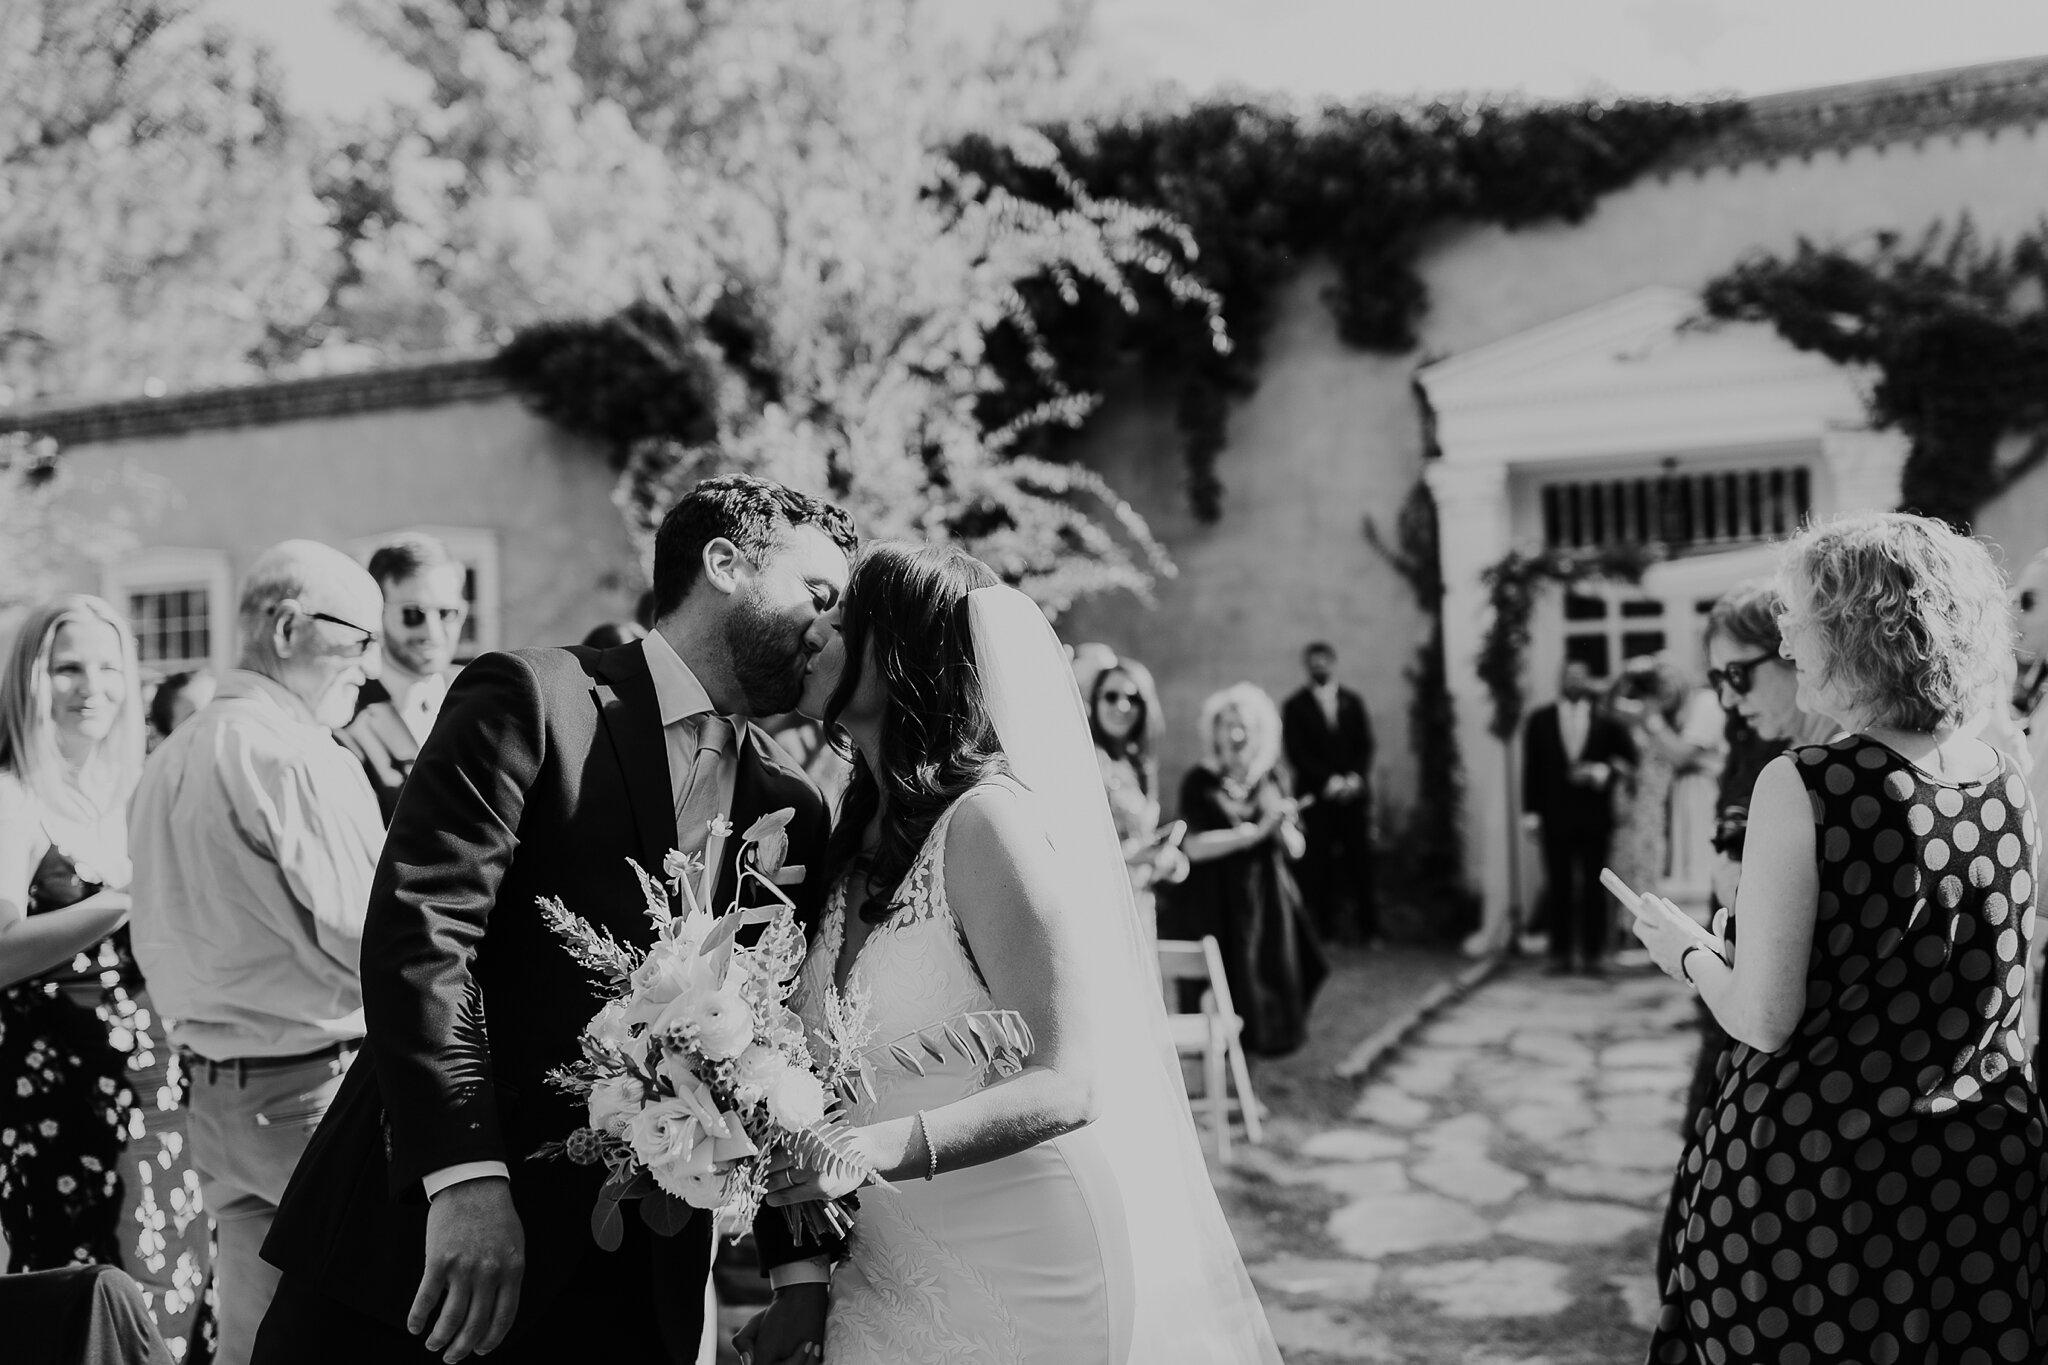 Alicia+lucia+photography+-+albuquerque+wedding+photographer+-+santa+fe+wedding+photography+-+new+mexico+wedding+photographer+-+new+mexico+wedding+-+wedding+-+albuquerque+wedding+-+los+poblanos+-+los+poblanos+wedding+-+fall+wedding_0069.jpg